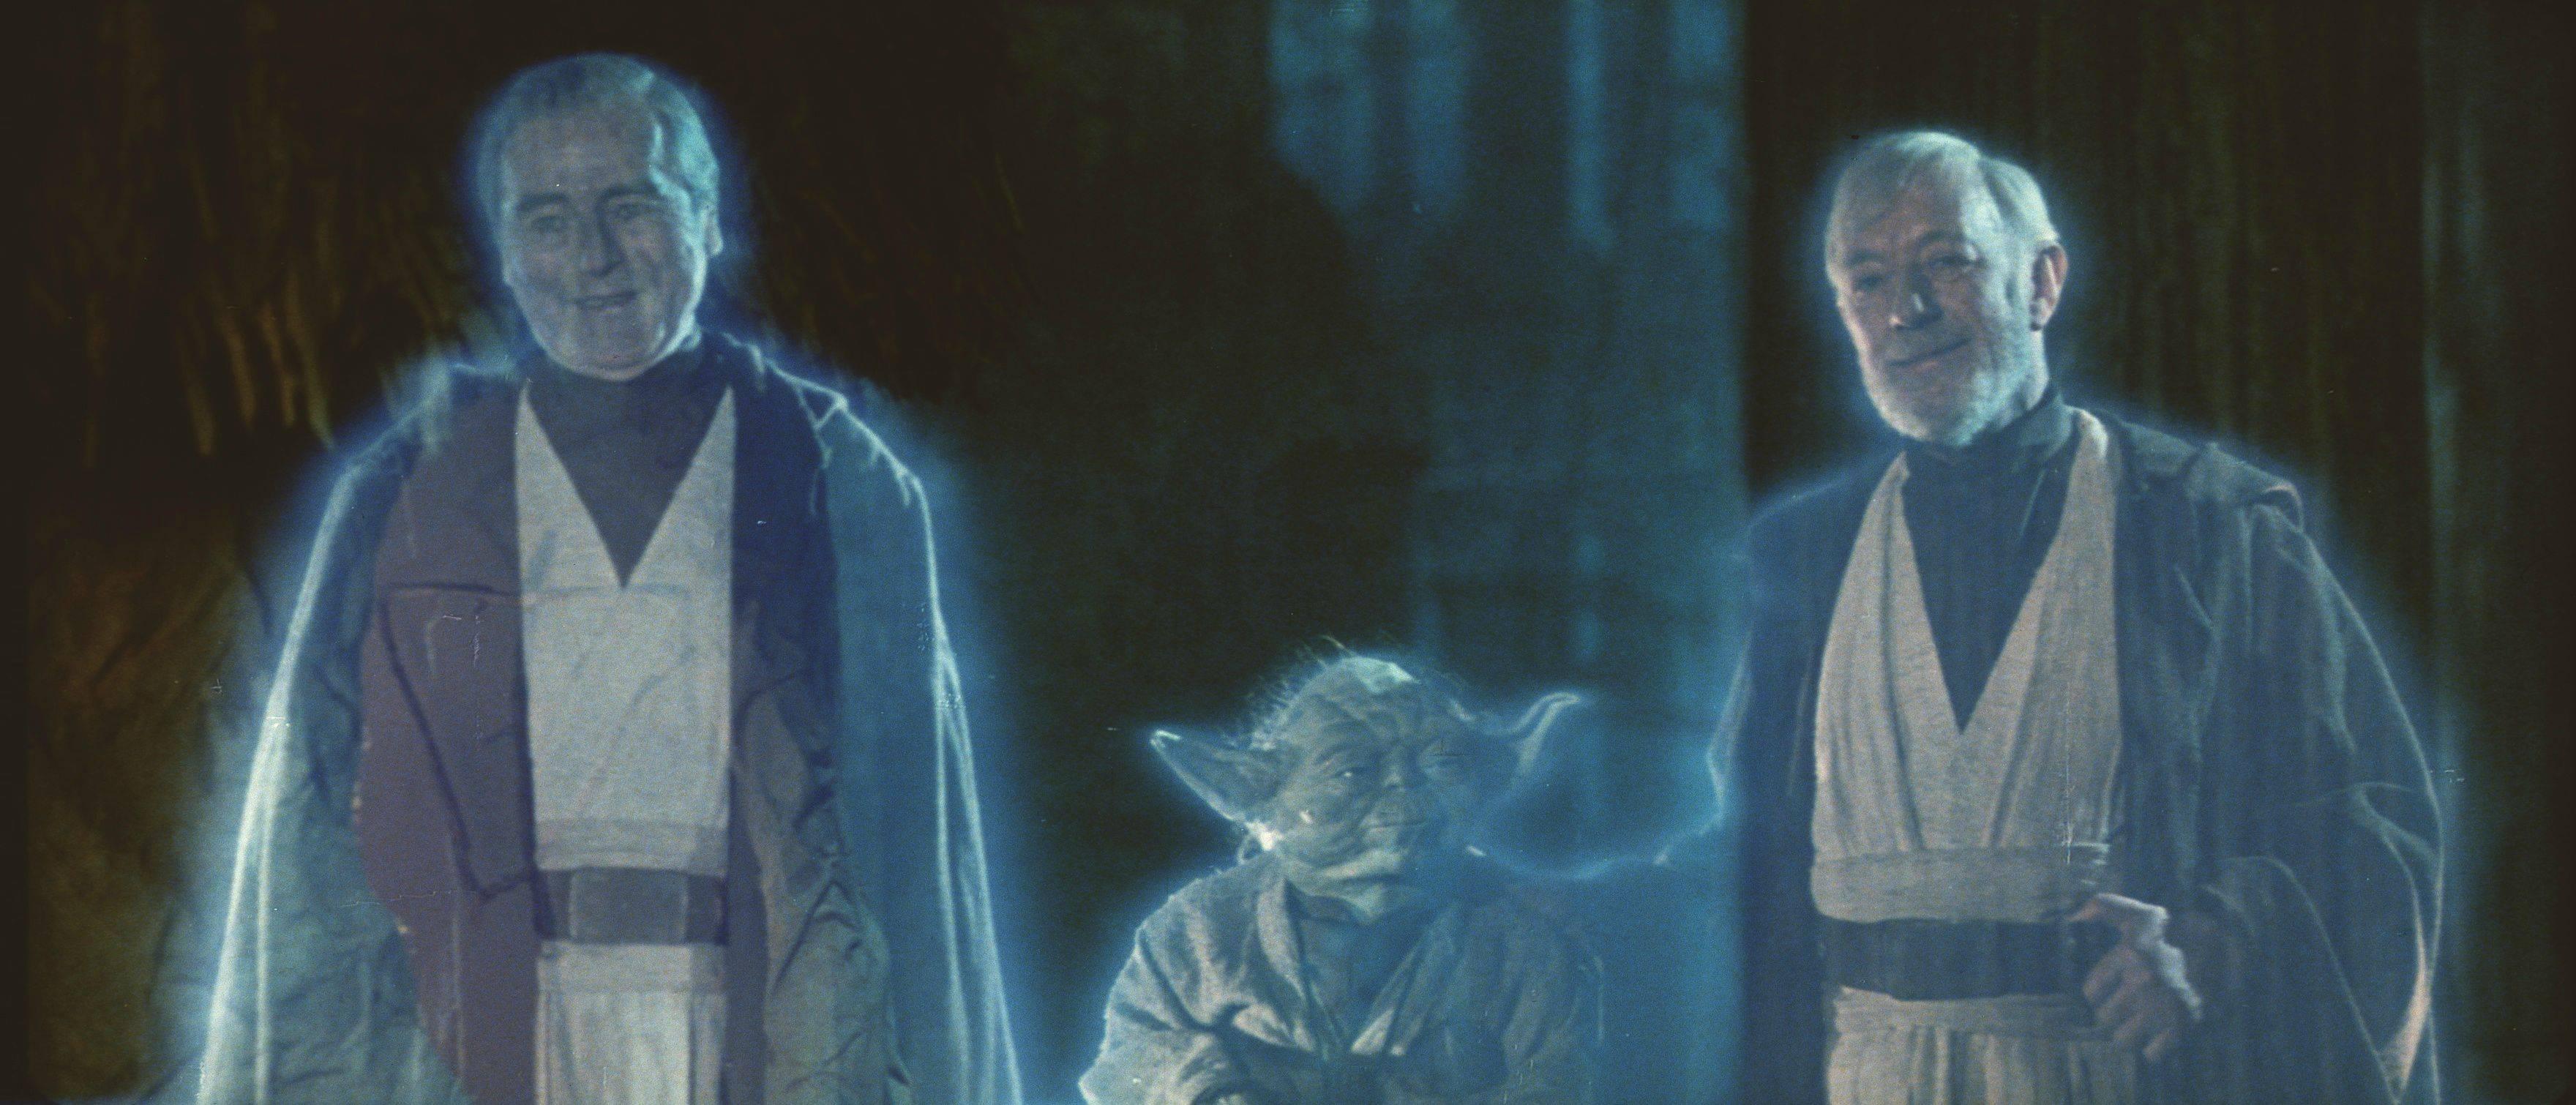 О чём будет XIII эпизод «Звёздных войн»? Пользователь Reddit спойлерит сюжет! 2